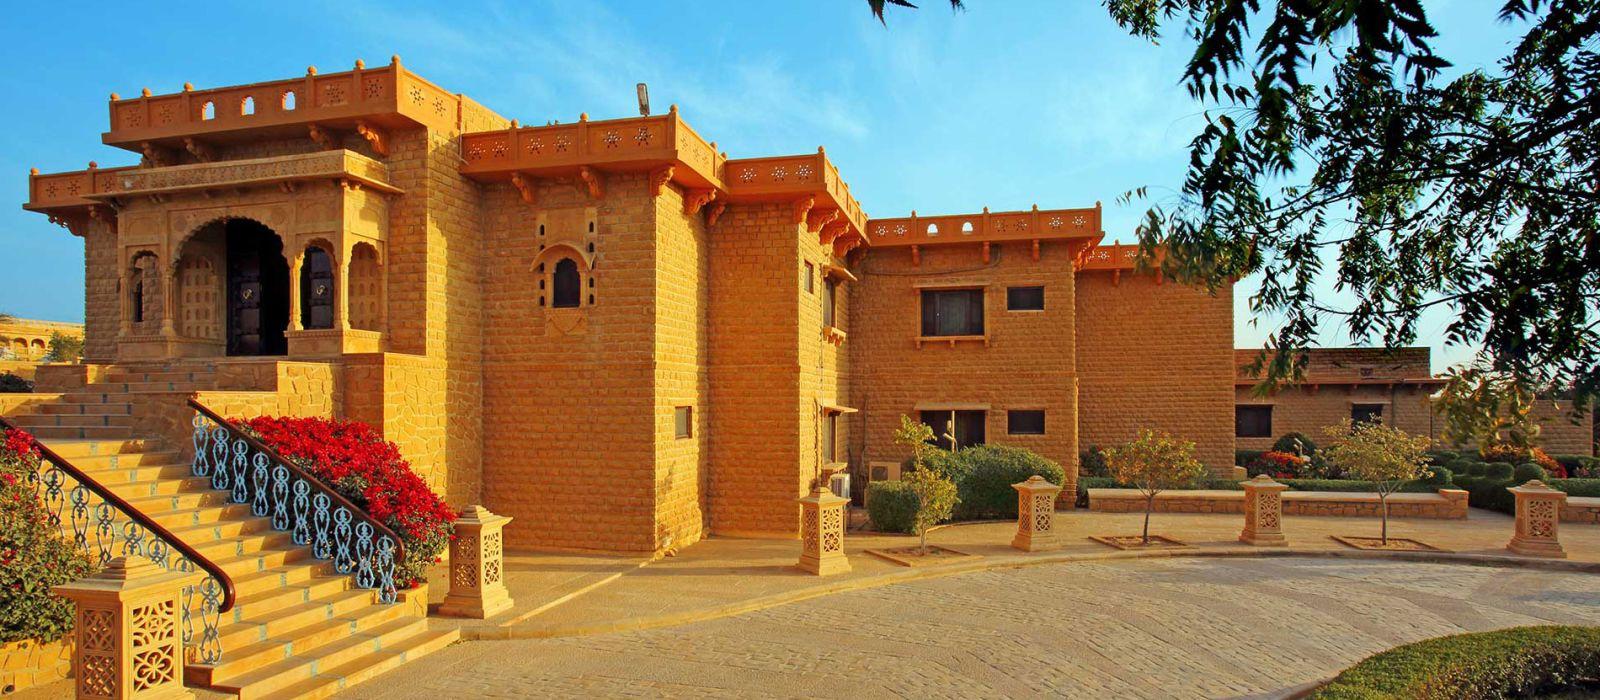 Hotel Rawal Kot  North India